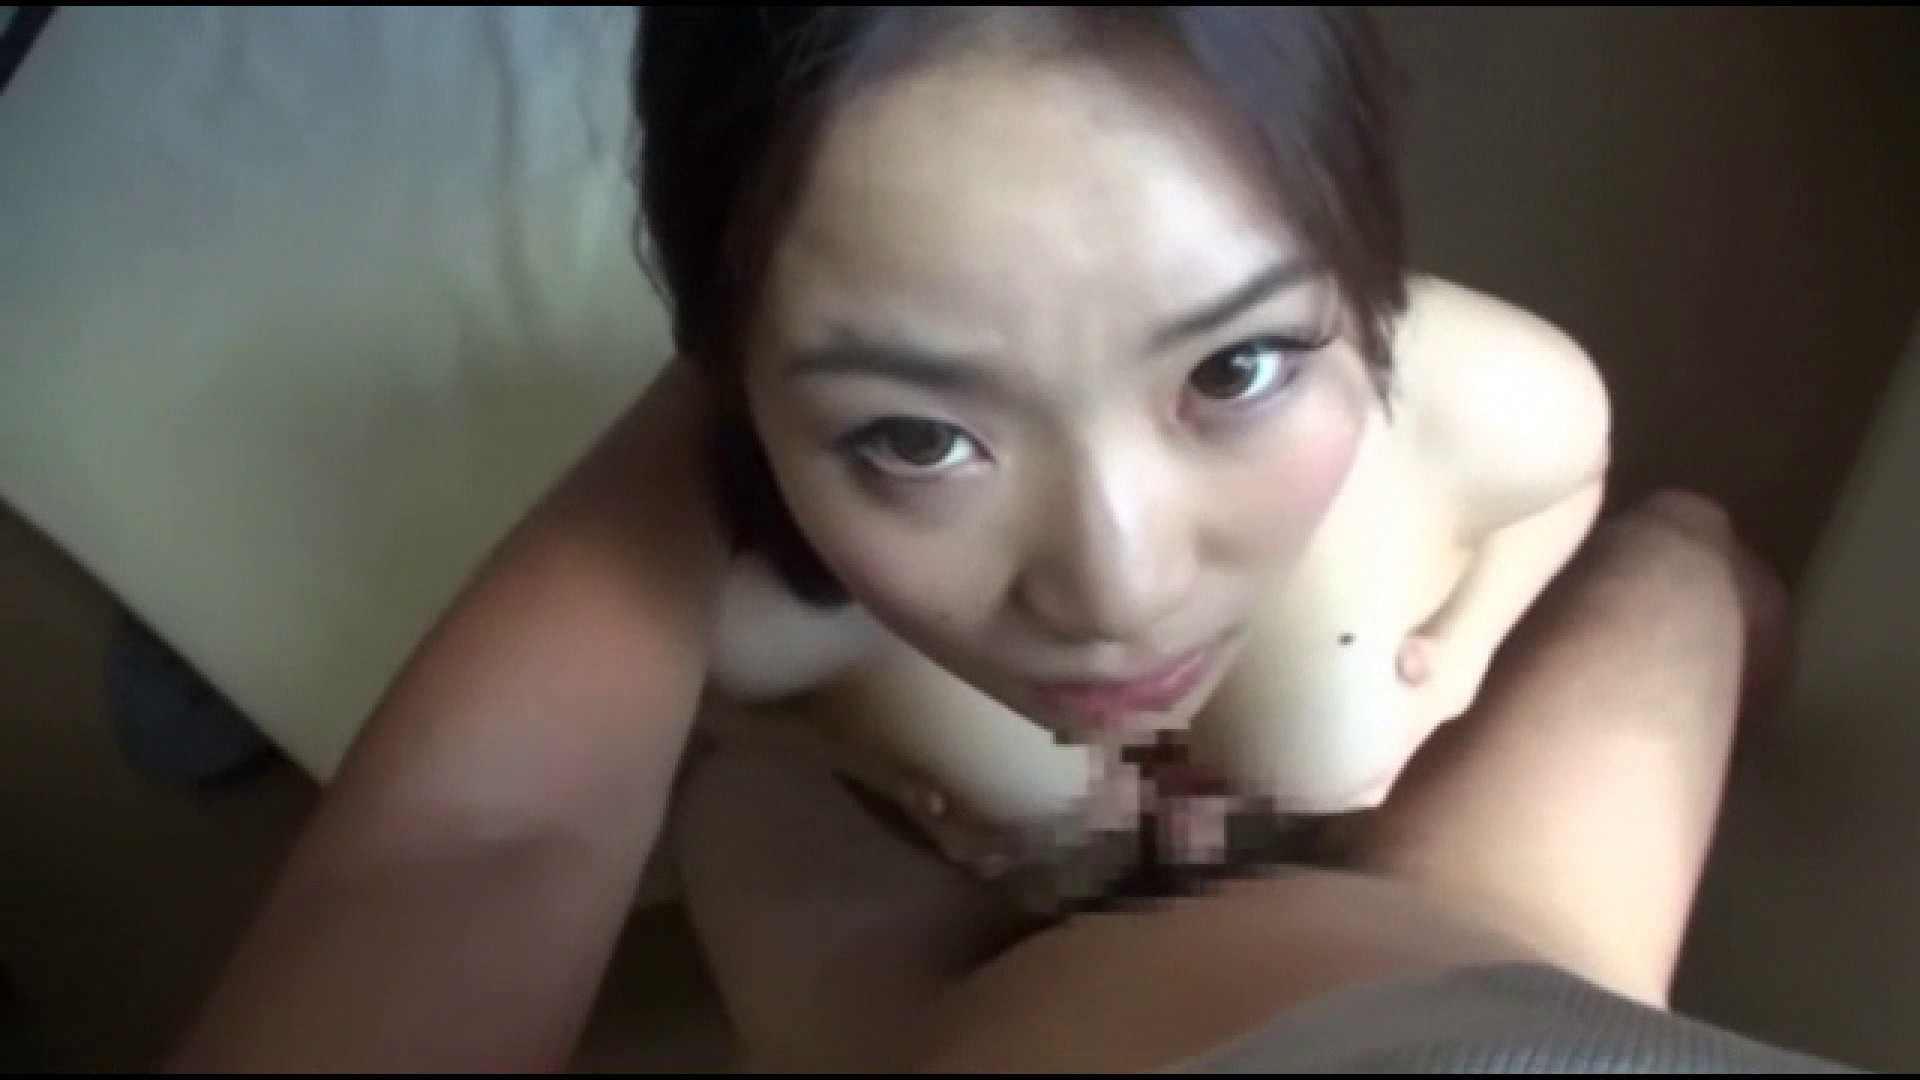 おしえてギャル子のH塾 Vol.43後編 爆乳   ギャル・コレクション  83連発 13